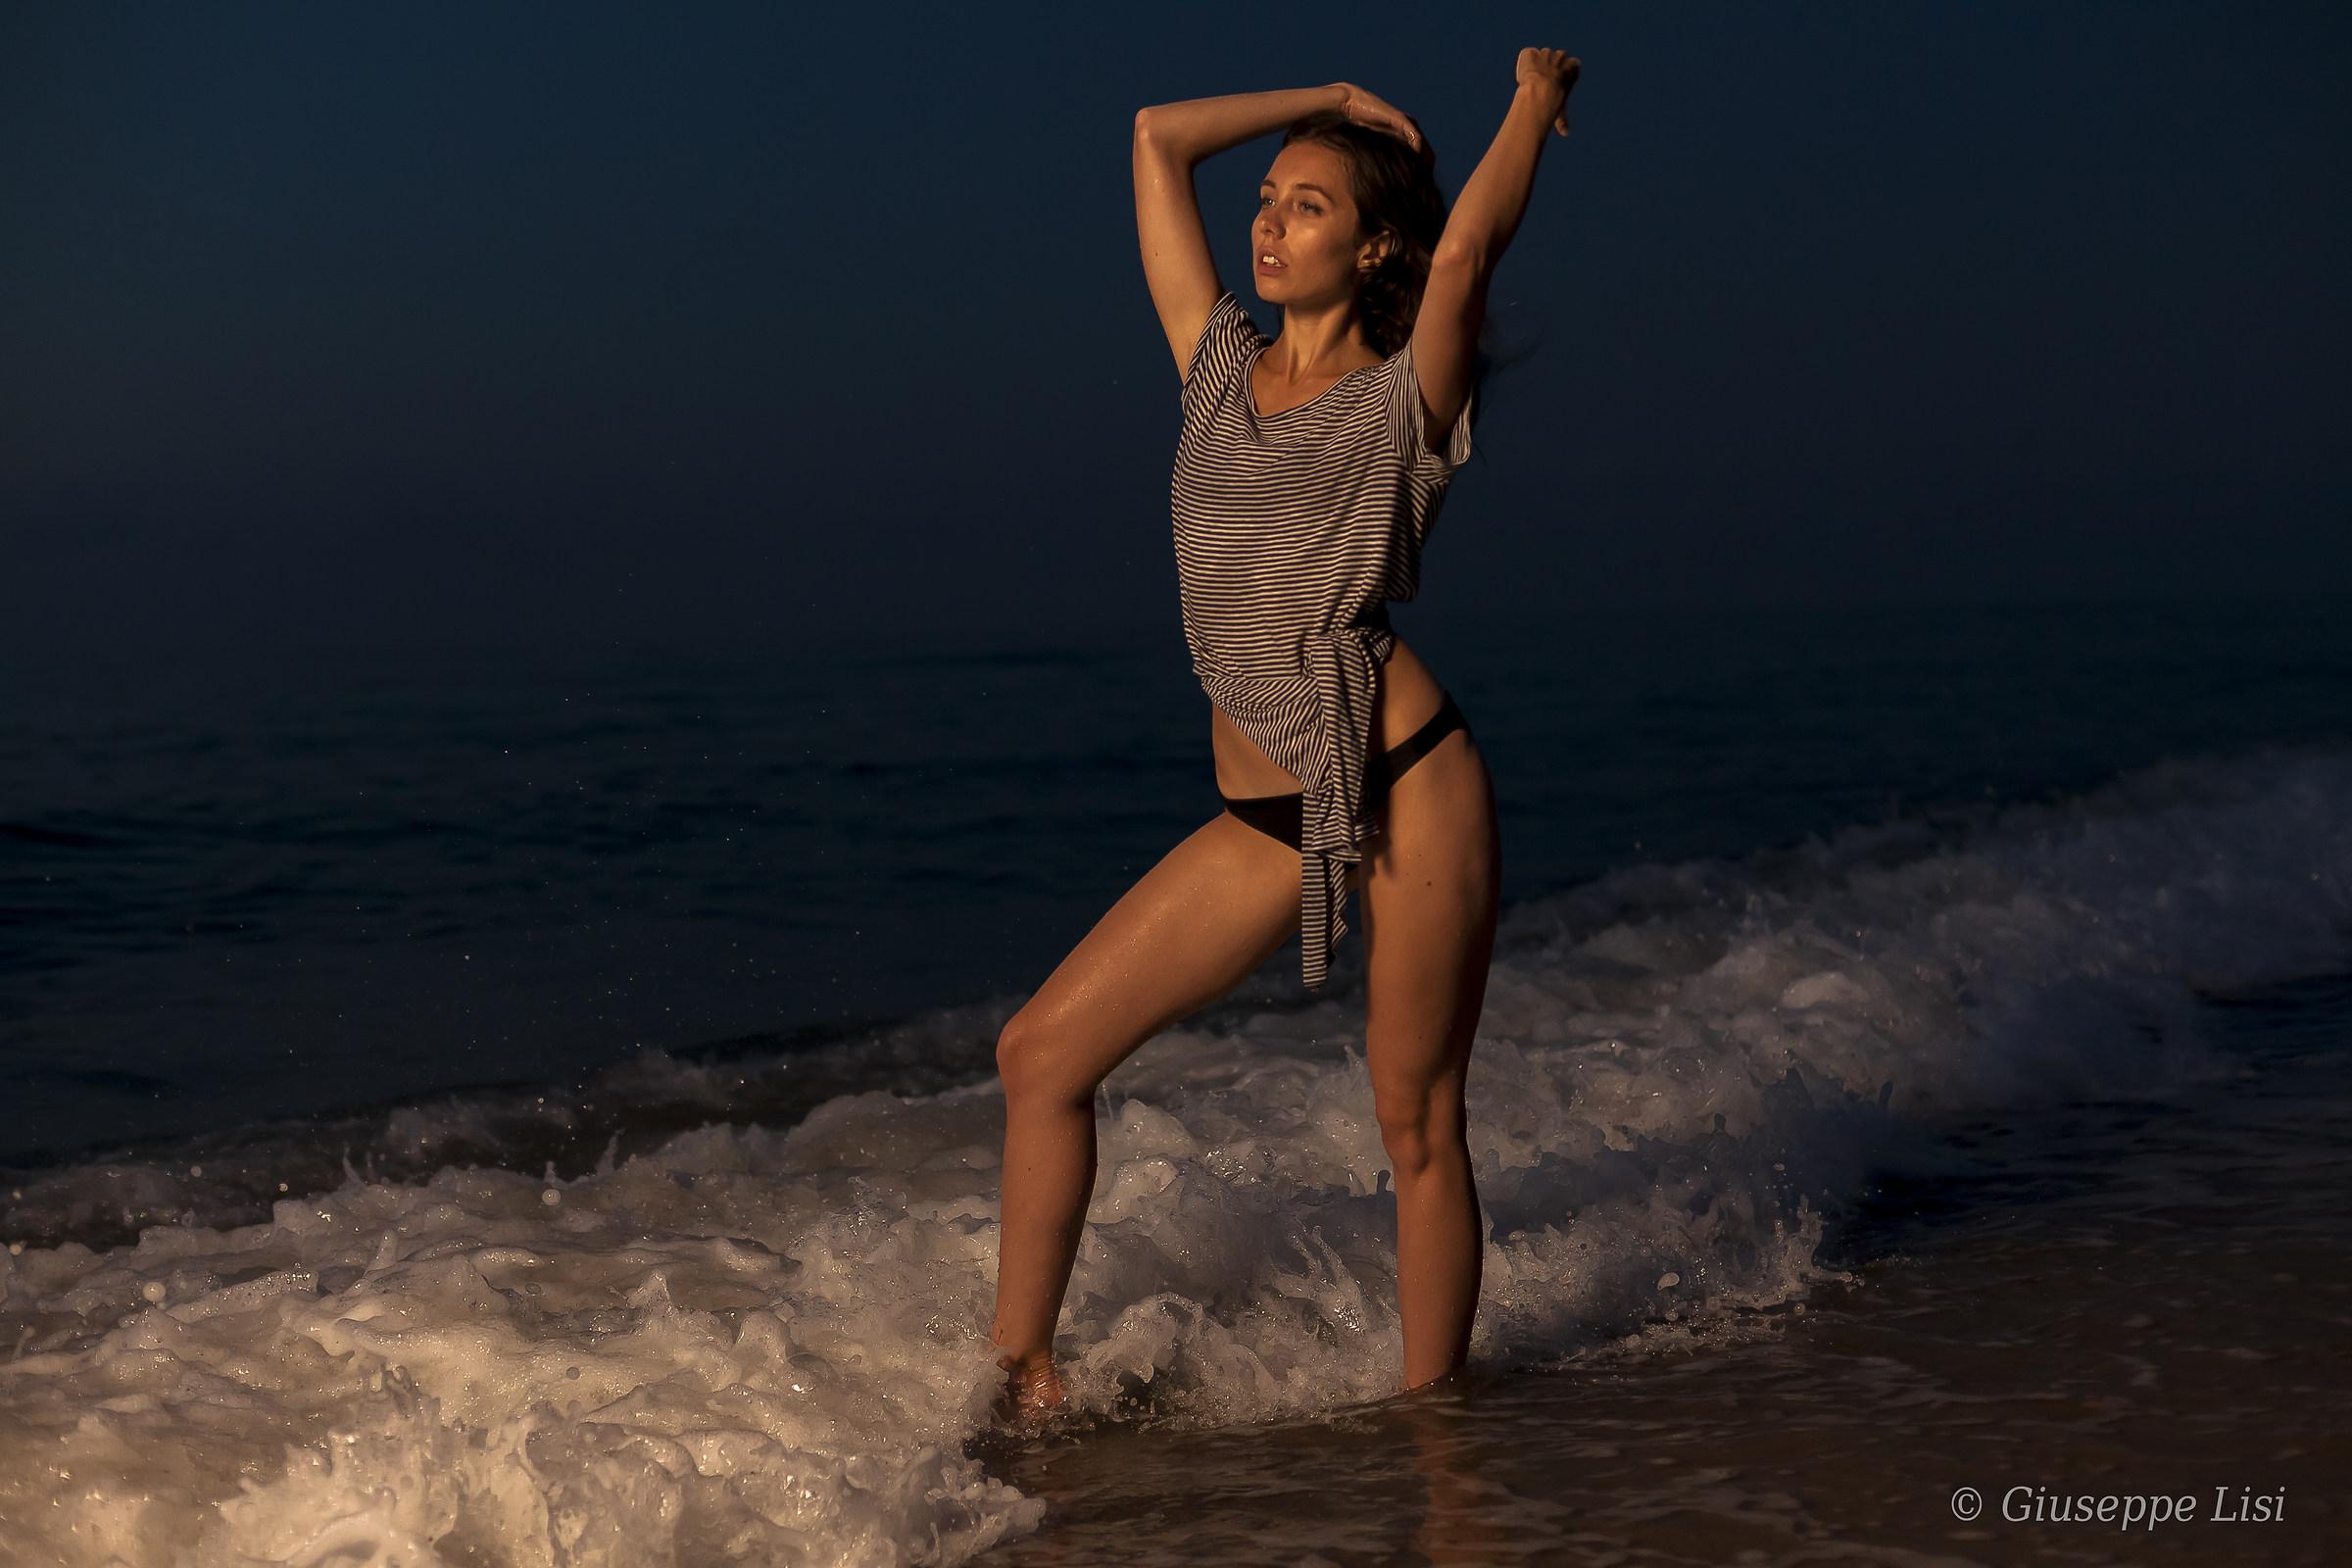 La ballerina sulla sabbia 4...